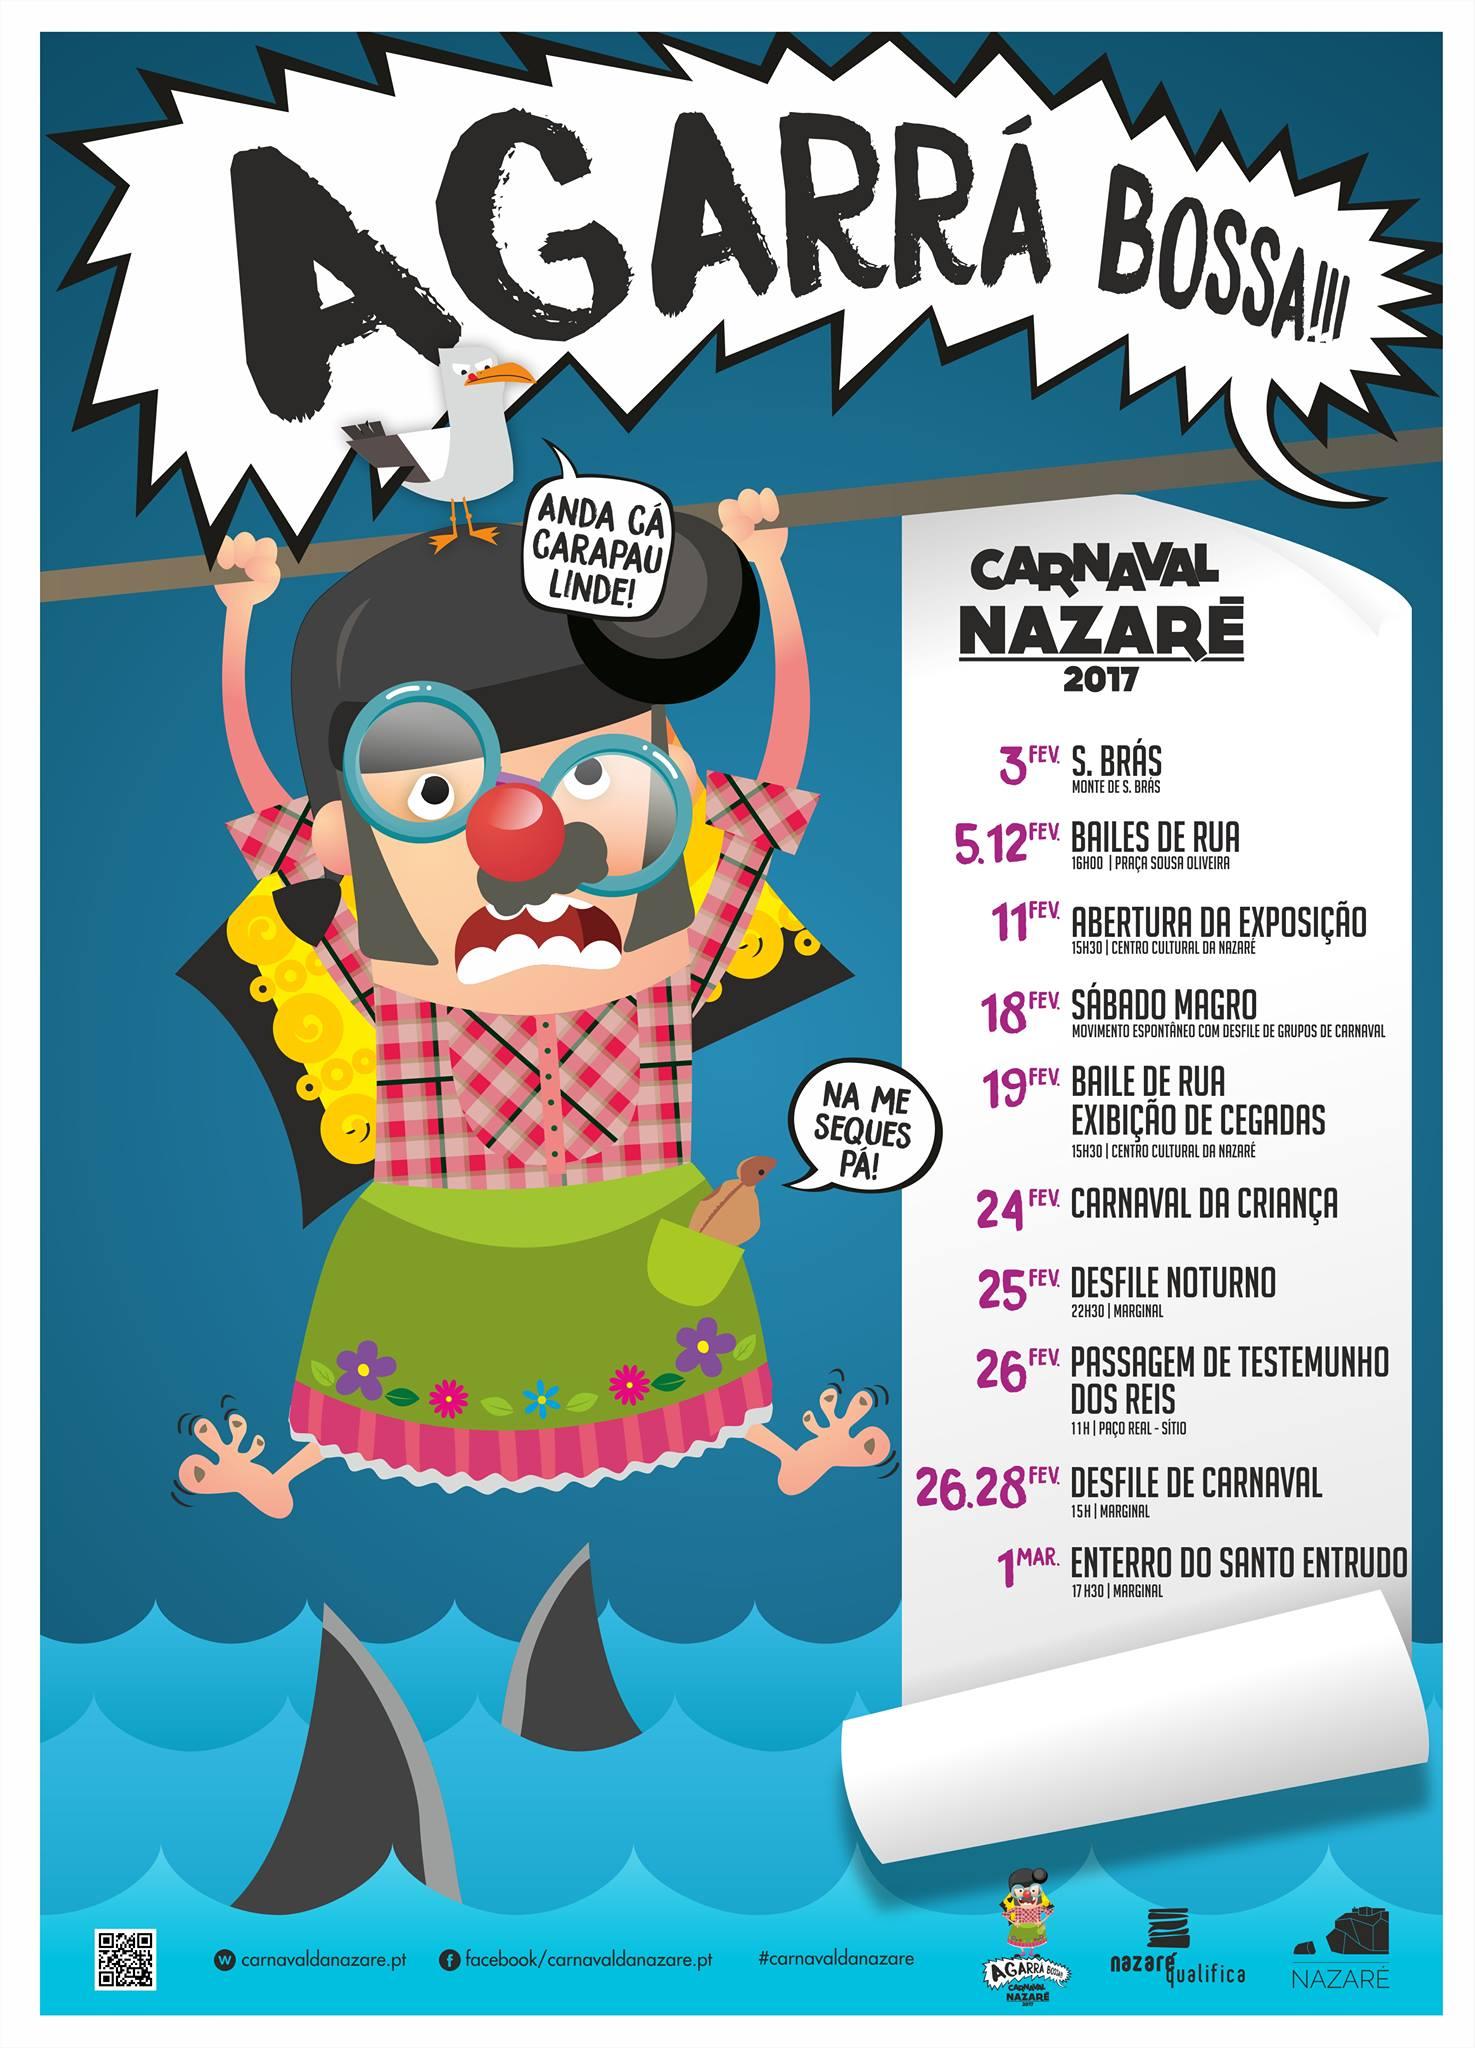 Programa do Carnaval da Nazaré 2017